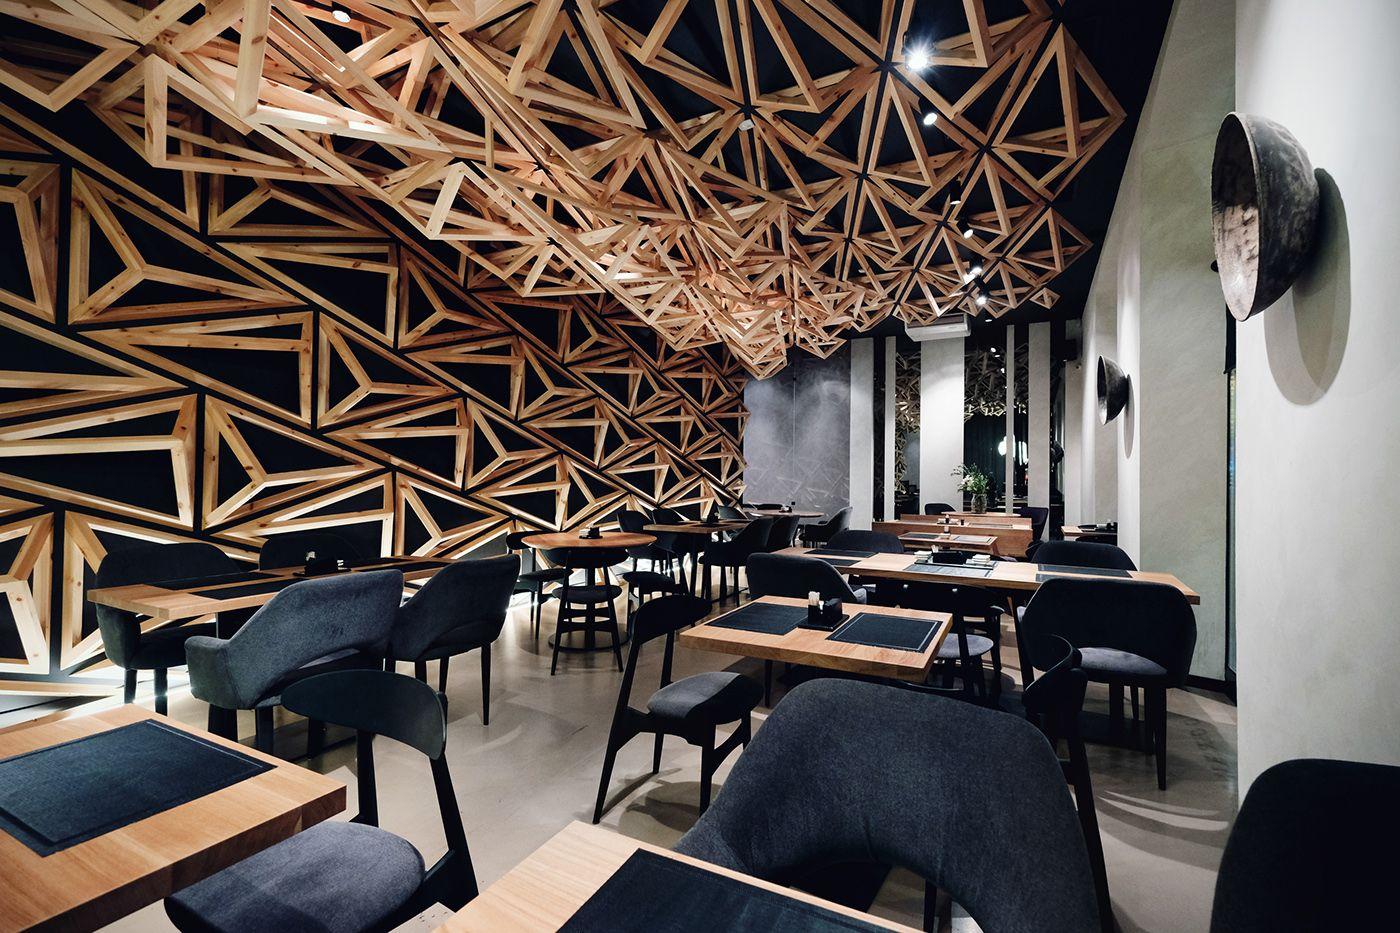 Esszimmer design bd Ознакомьтесь с этим проектом behance kido sushi bar